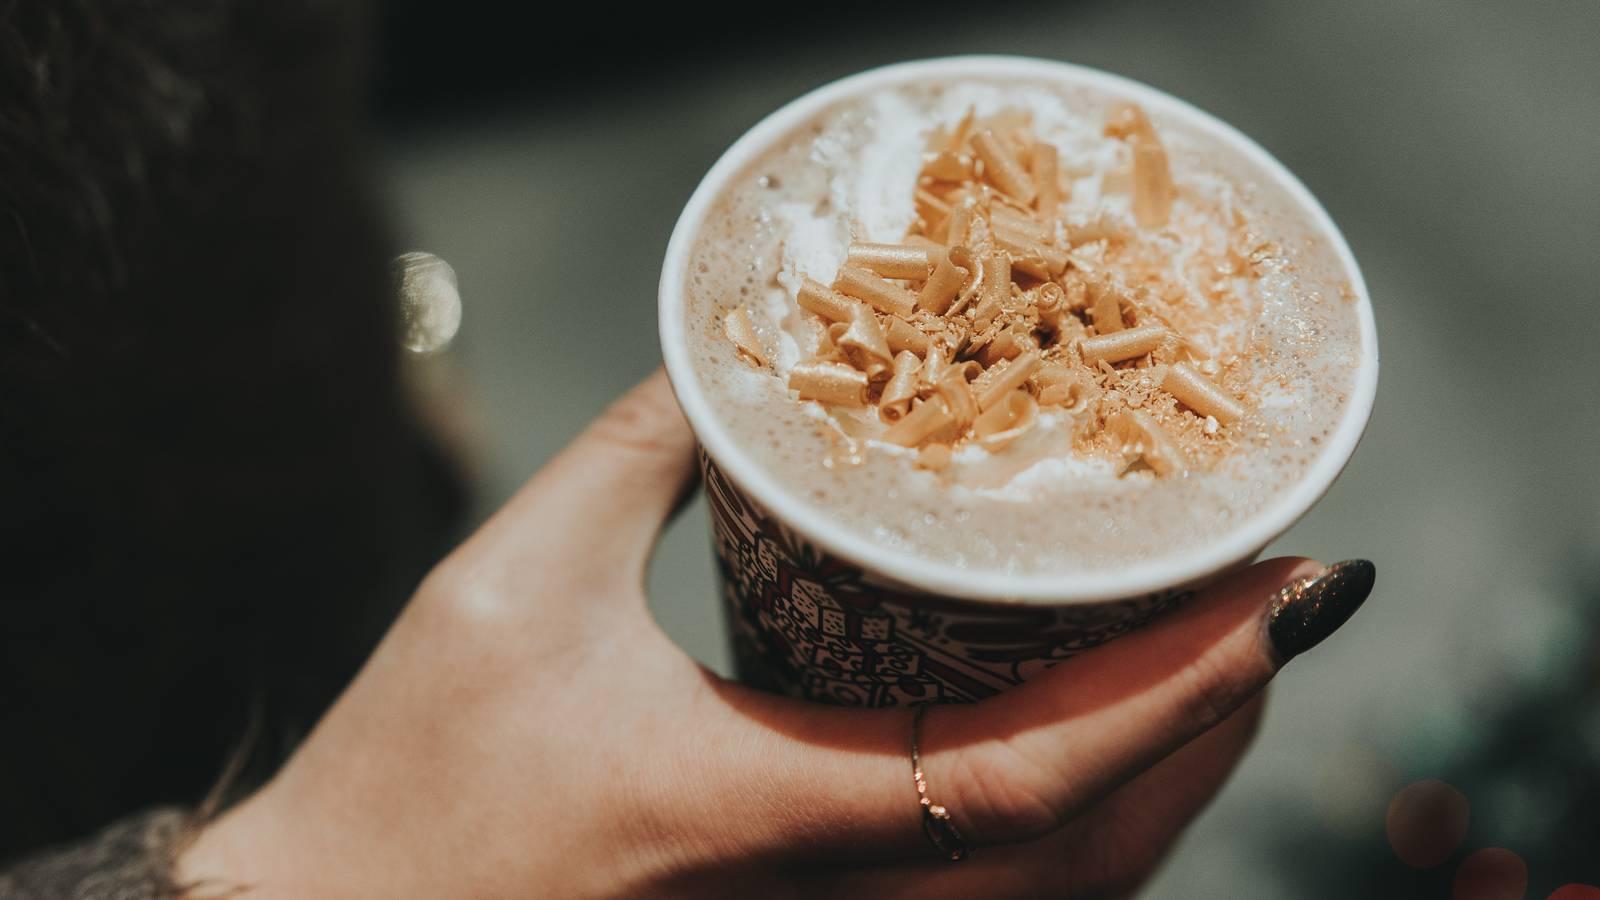 Pumpkin Spice Latte: Manche lieben ihn, manche hassen ihn. Der herbstliche Starbucksdrink bringt bei 100ml 270 kcal in den Becher. (© Unsplash/Sorin Sirbu)